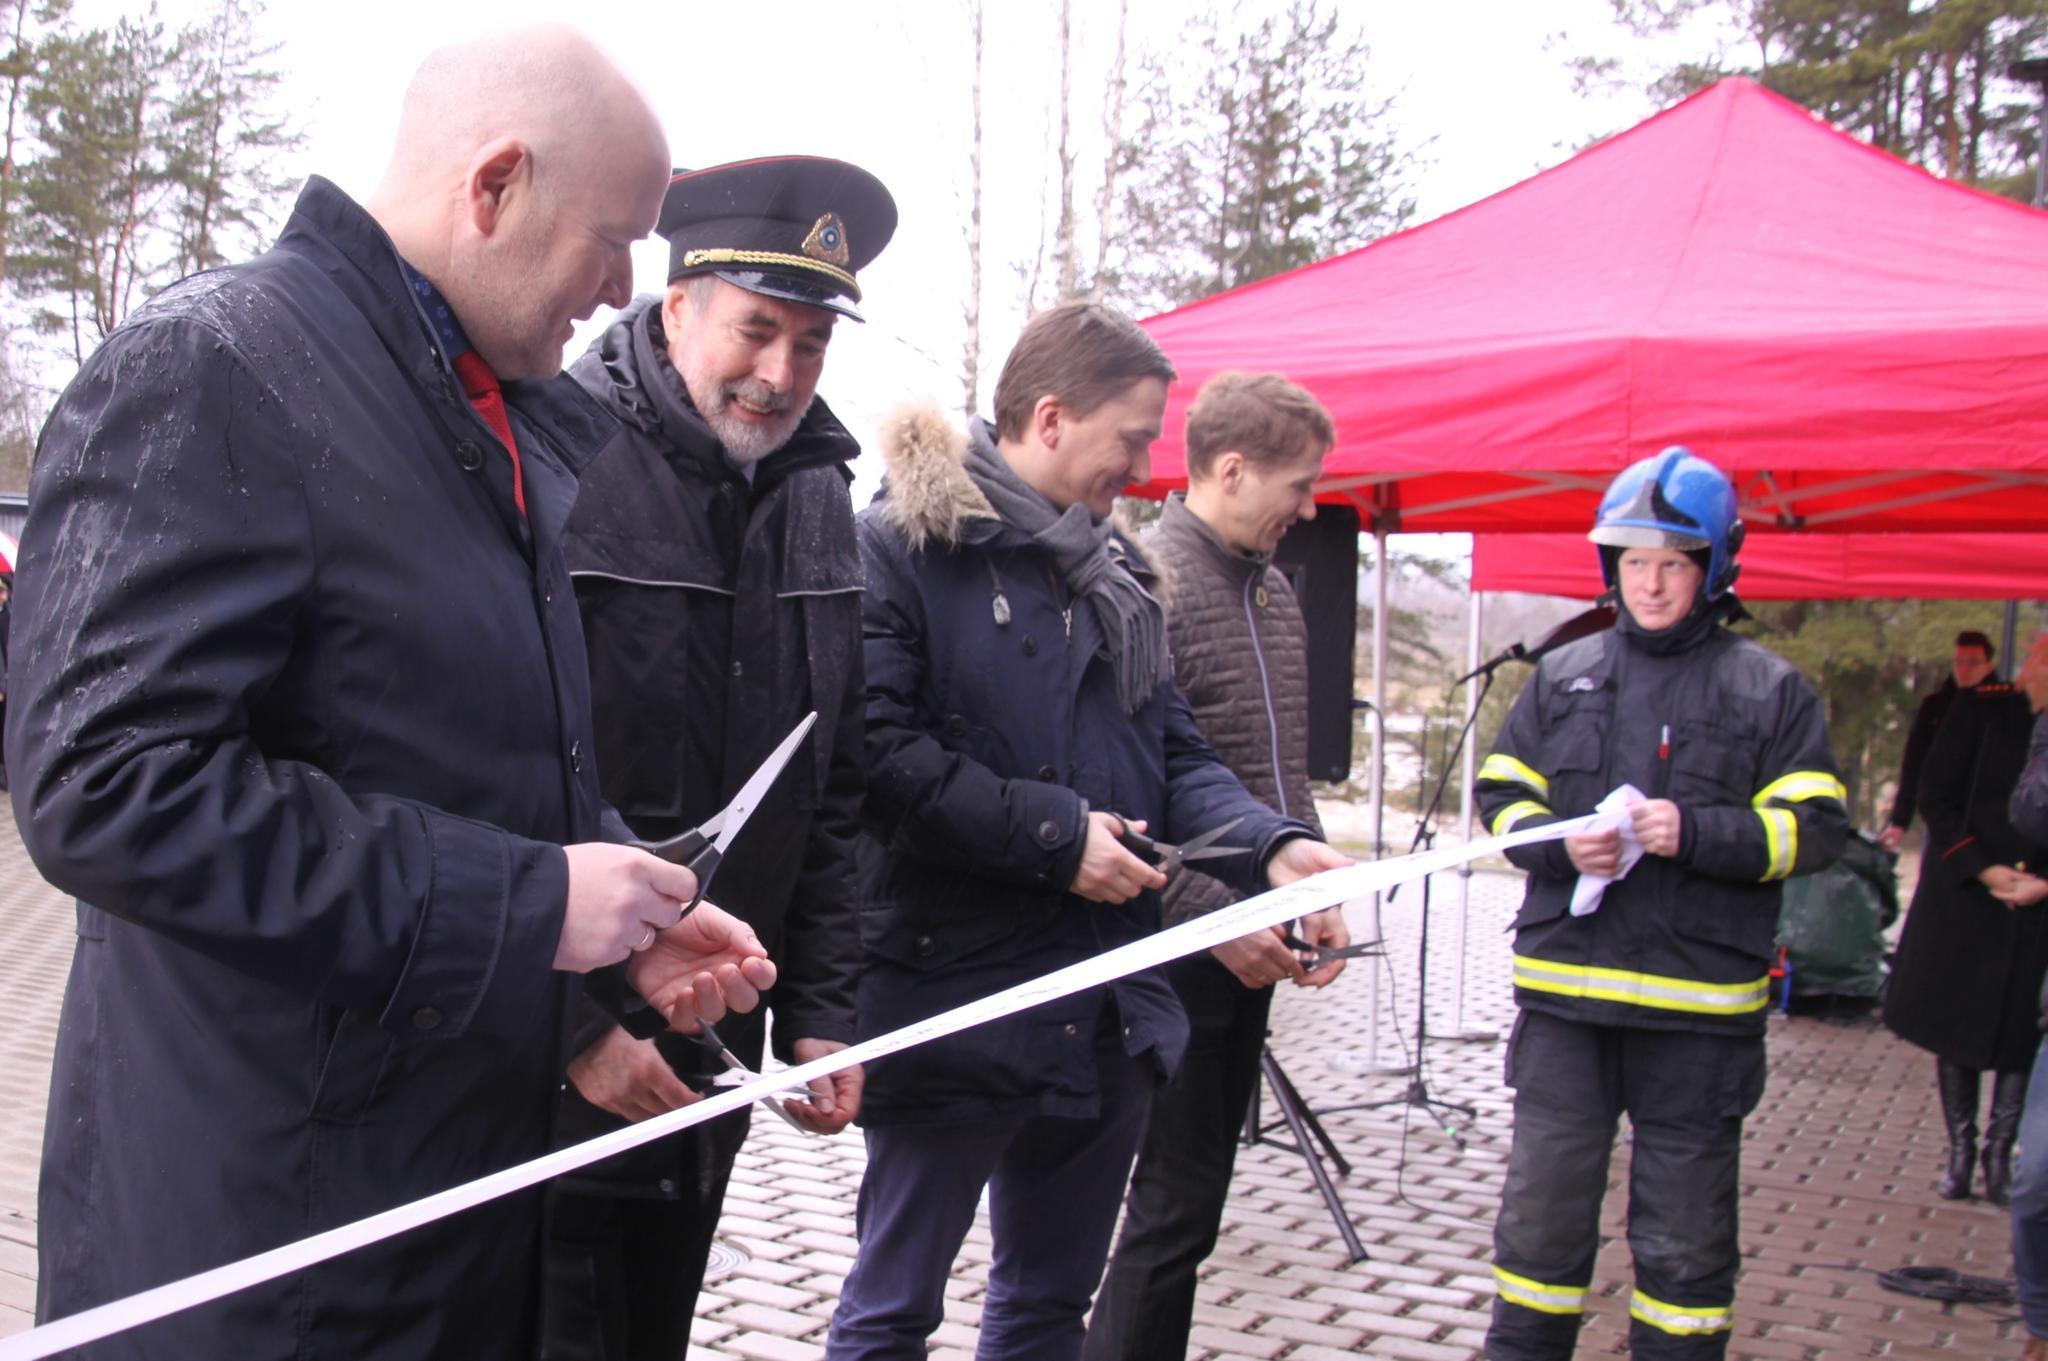 180409 RKAS Vastseliina komandohoone avamine